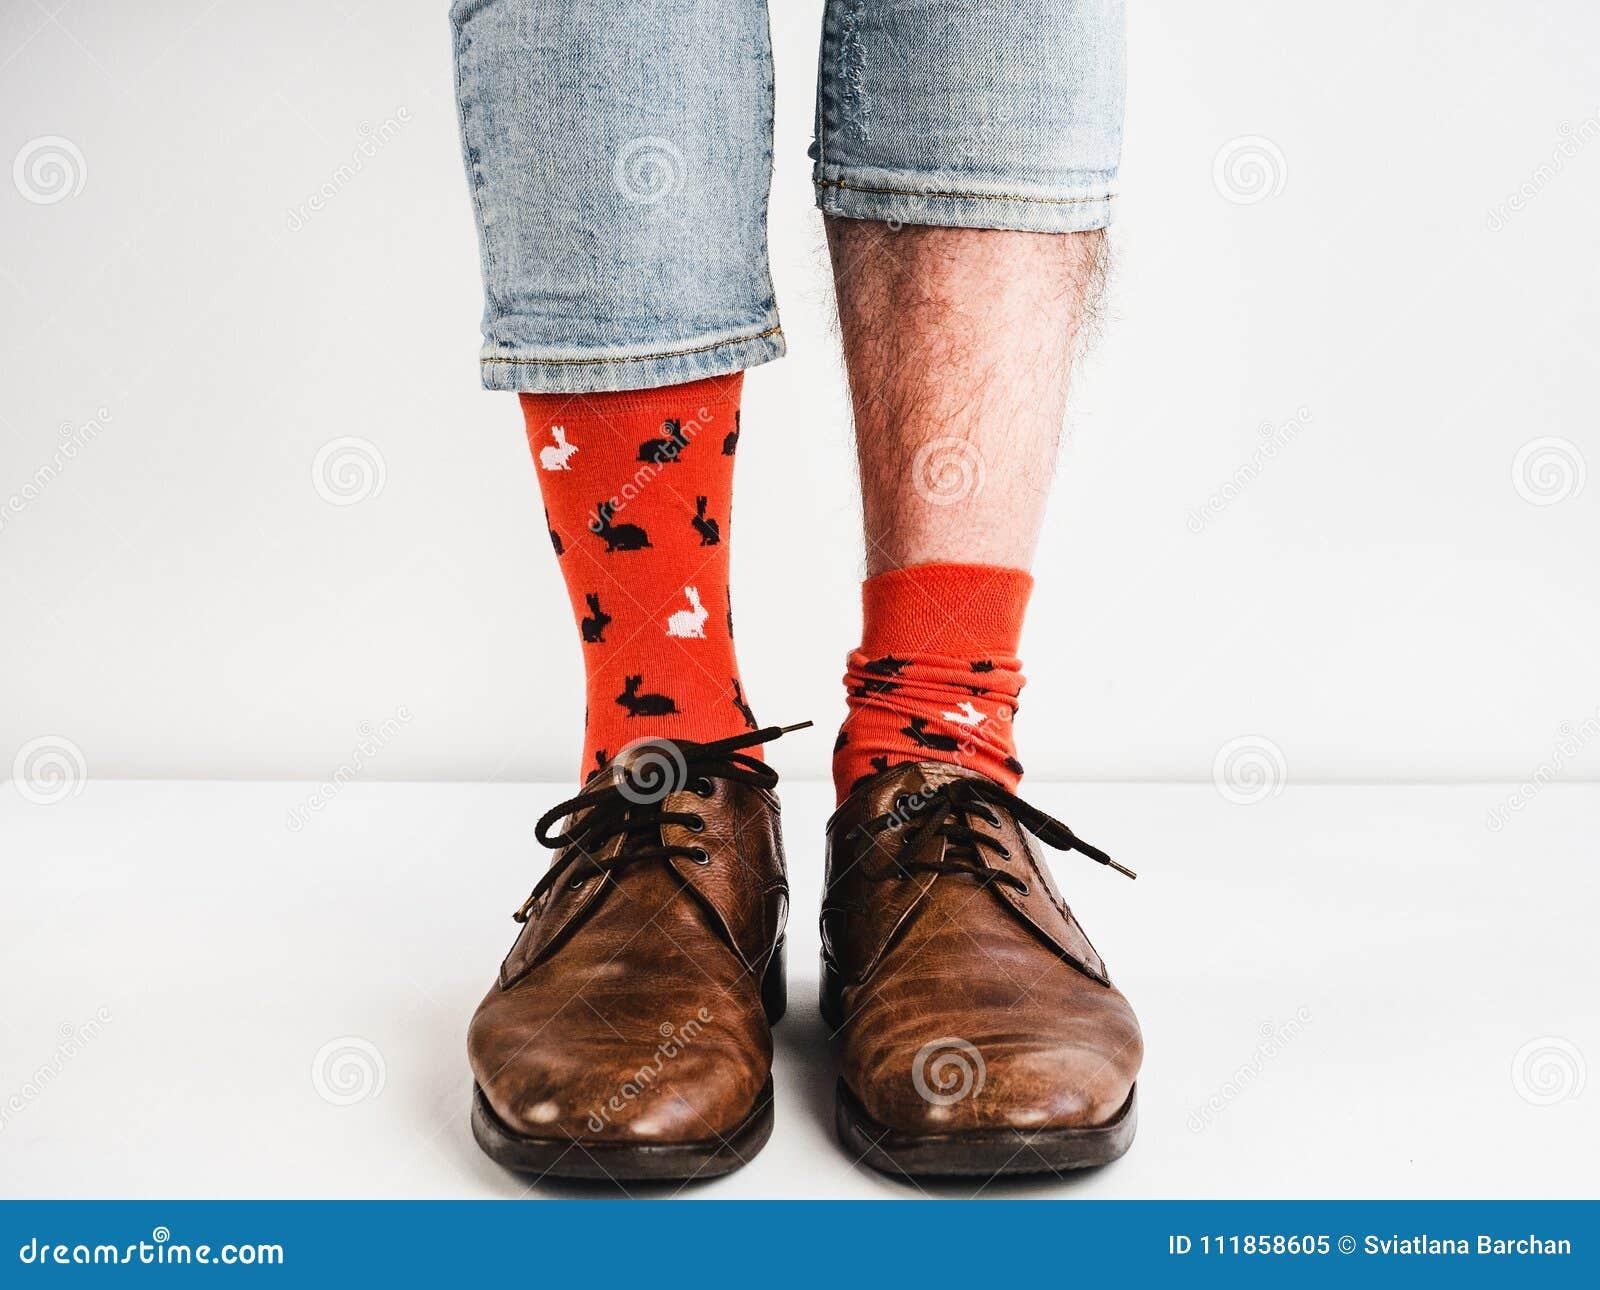 en belleza estilo pies fondo blanco hombre y marrones para divertidos Moda brillantes un zapatos Calcetines vintage wZzazx